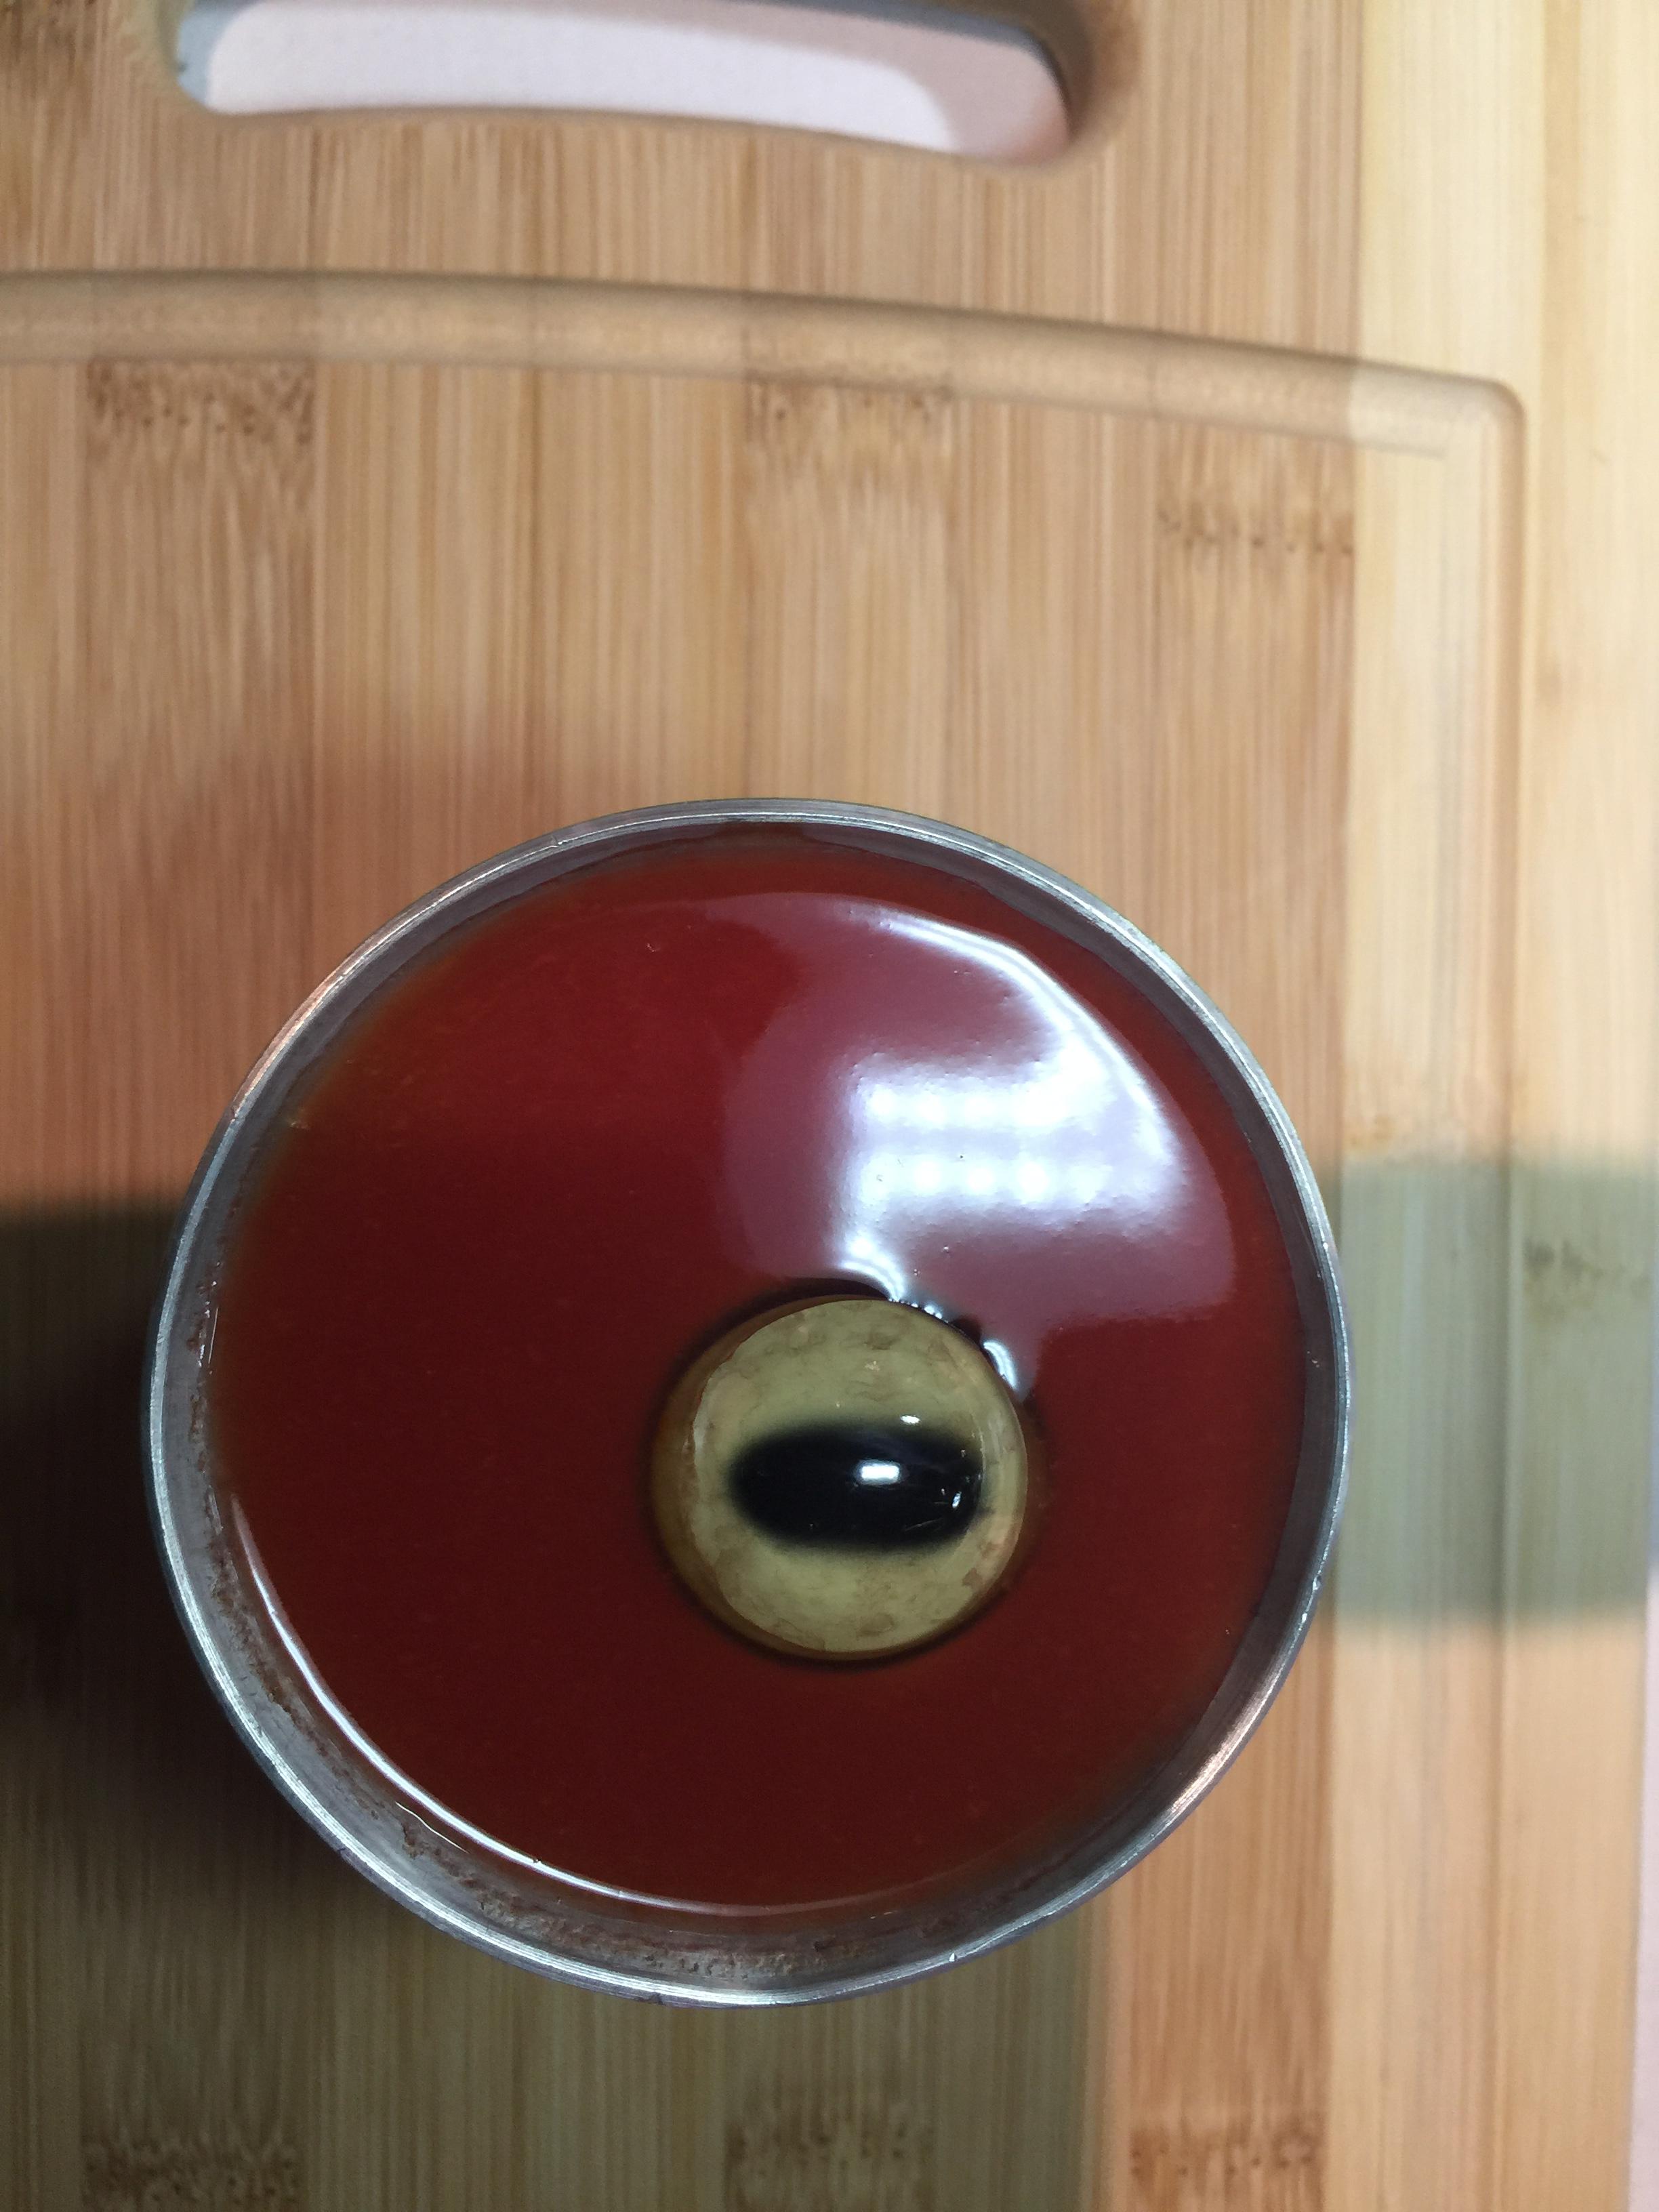 El ojo de oveja se sirve sore un vaso de jugo de tomate. (Araceli Martínez/La Opinión).